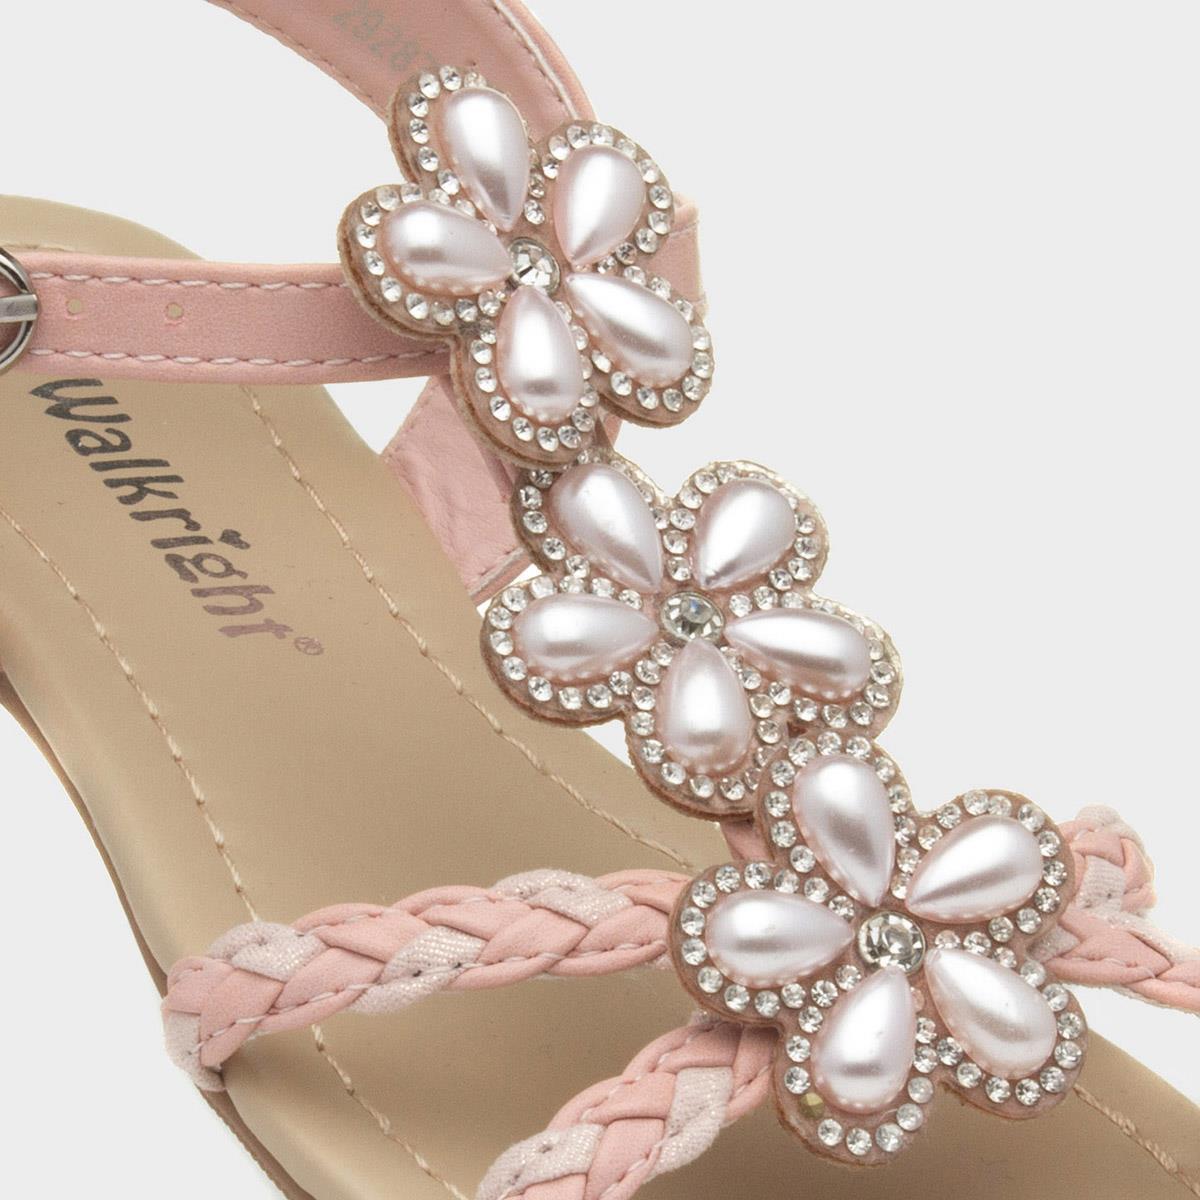 Walkright Girls Pink Plaited Flat Sole Floral Embellished Sandals